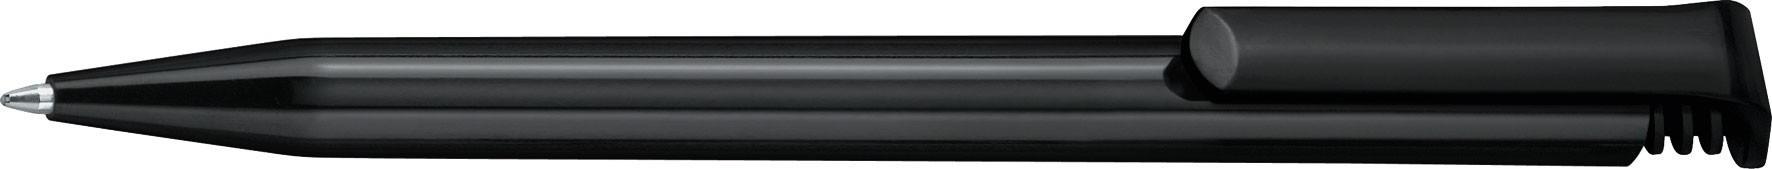 Stylo personnalisable écologique Super Hit Polished - stylo promotionnel